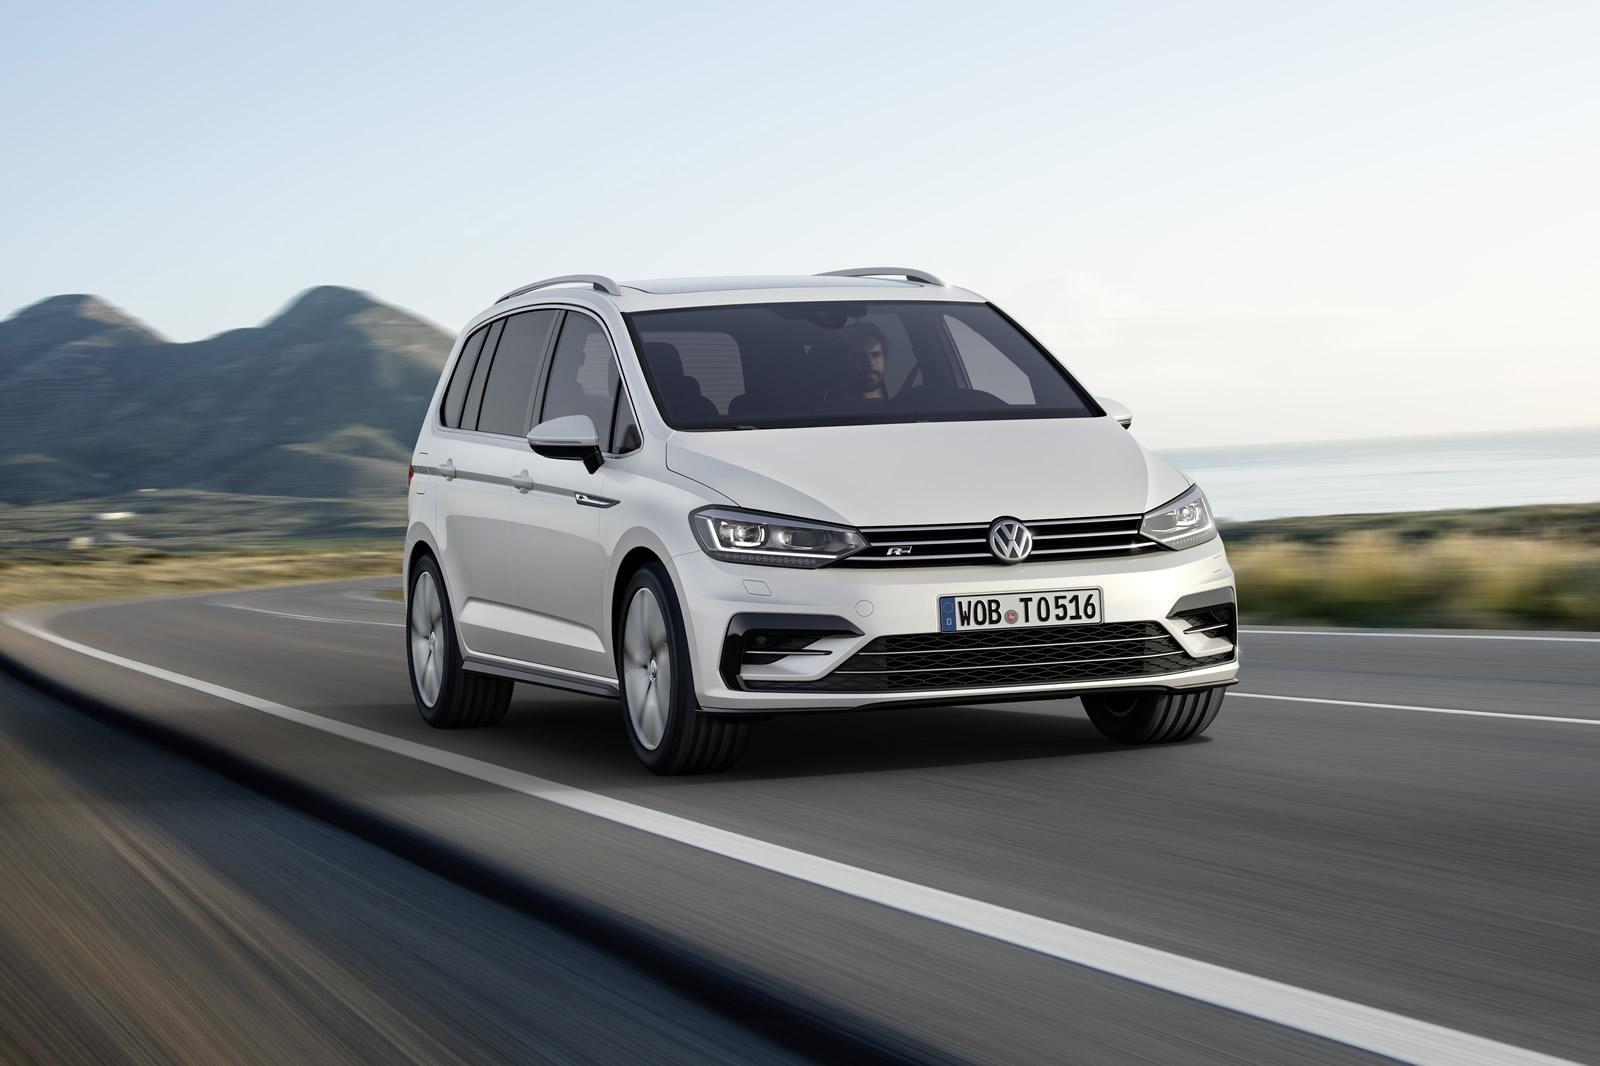 2015 Volkswagen Touran R-line